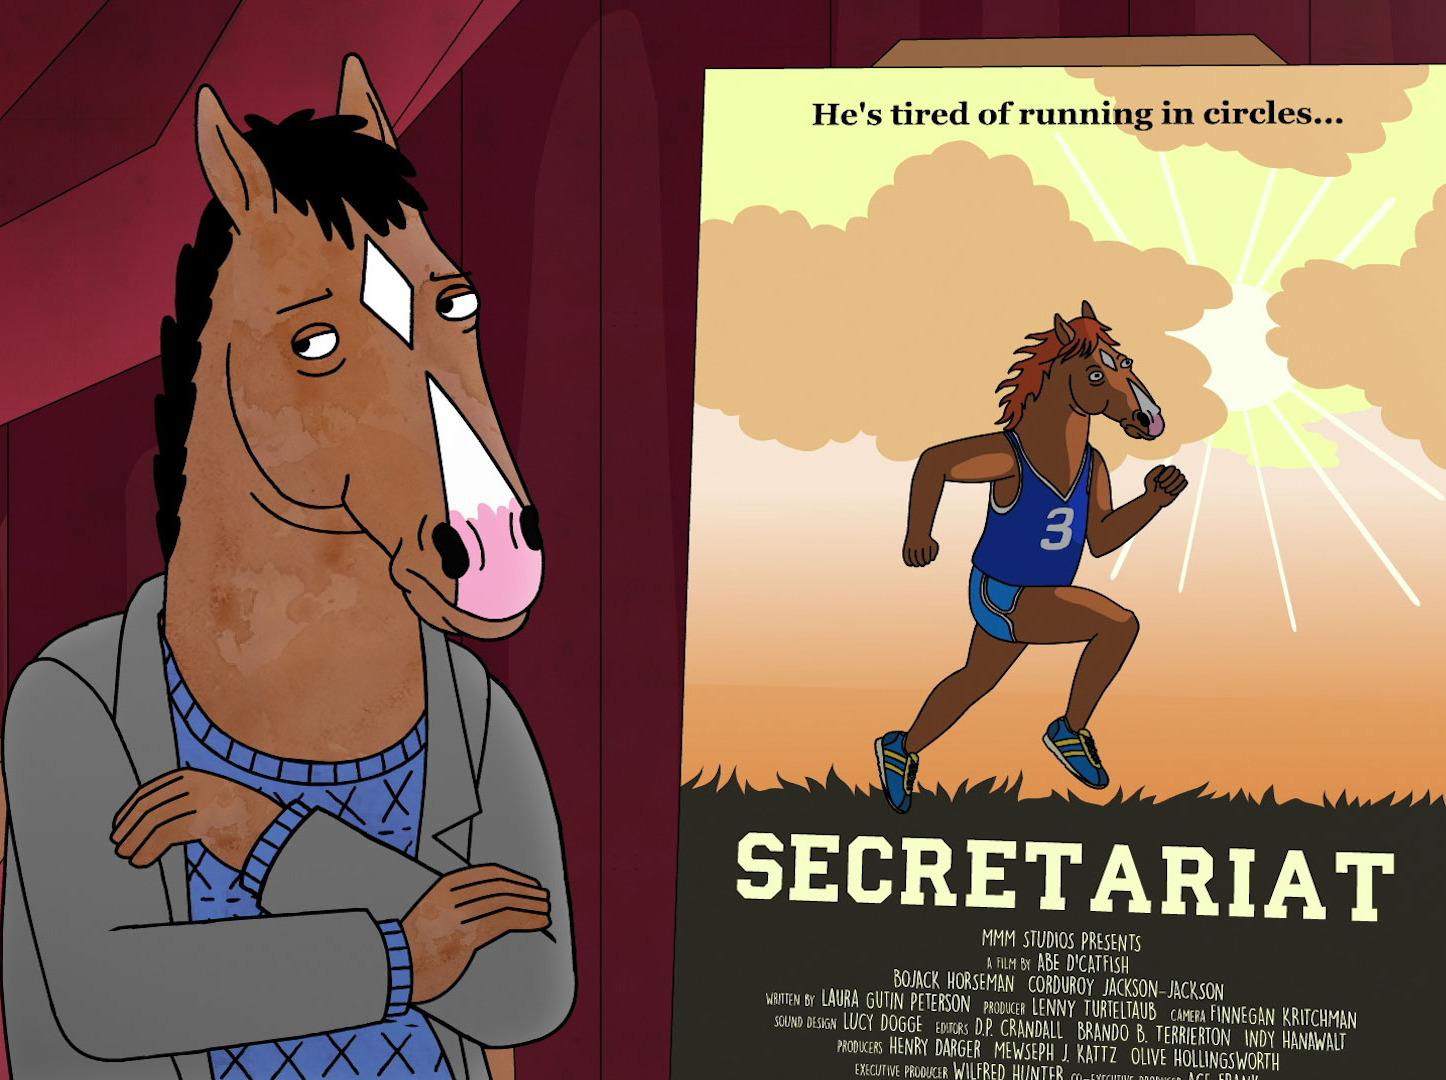 la tua serie preferita bojack horseman